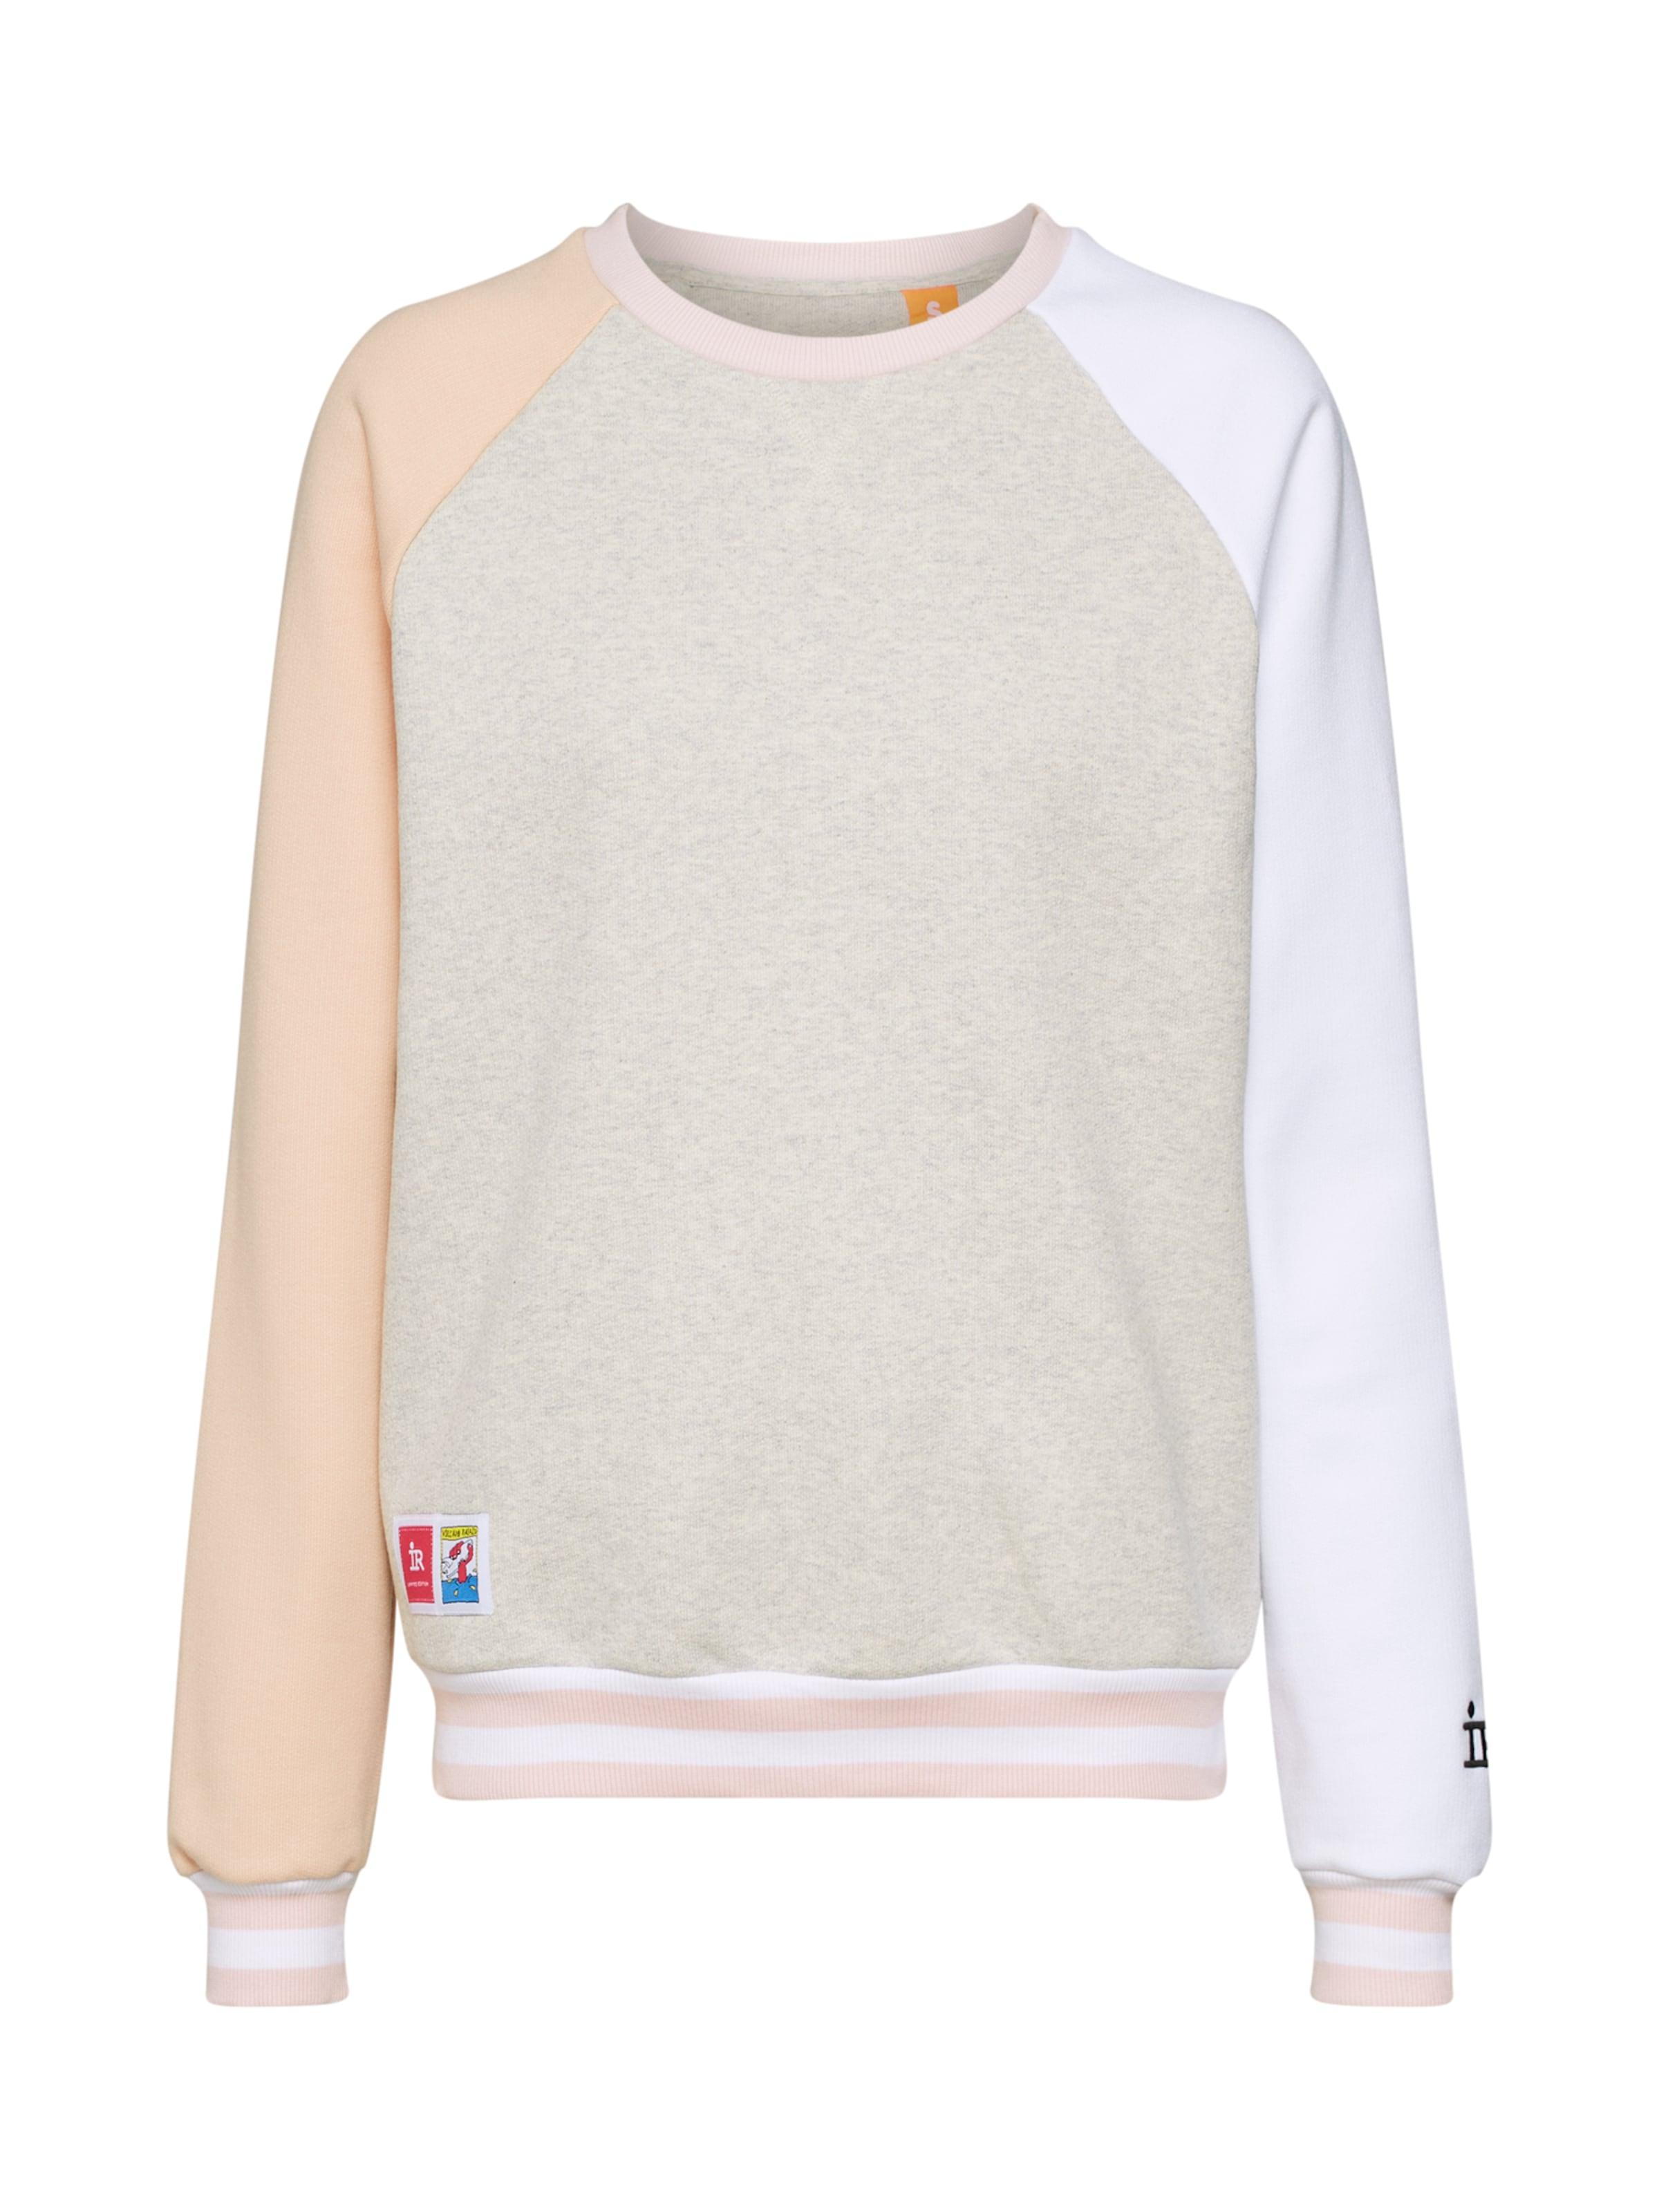 Sweat Inferno En Blanc Ragazzi ChinéRose Campo' shirt 'senora Gris jS35qRc4AL